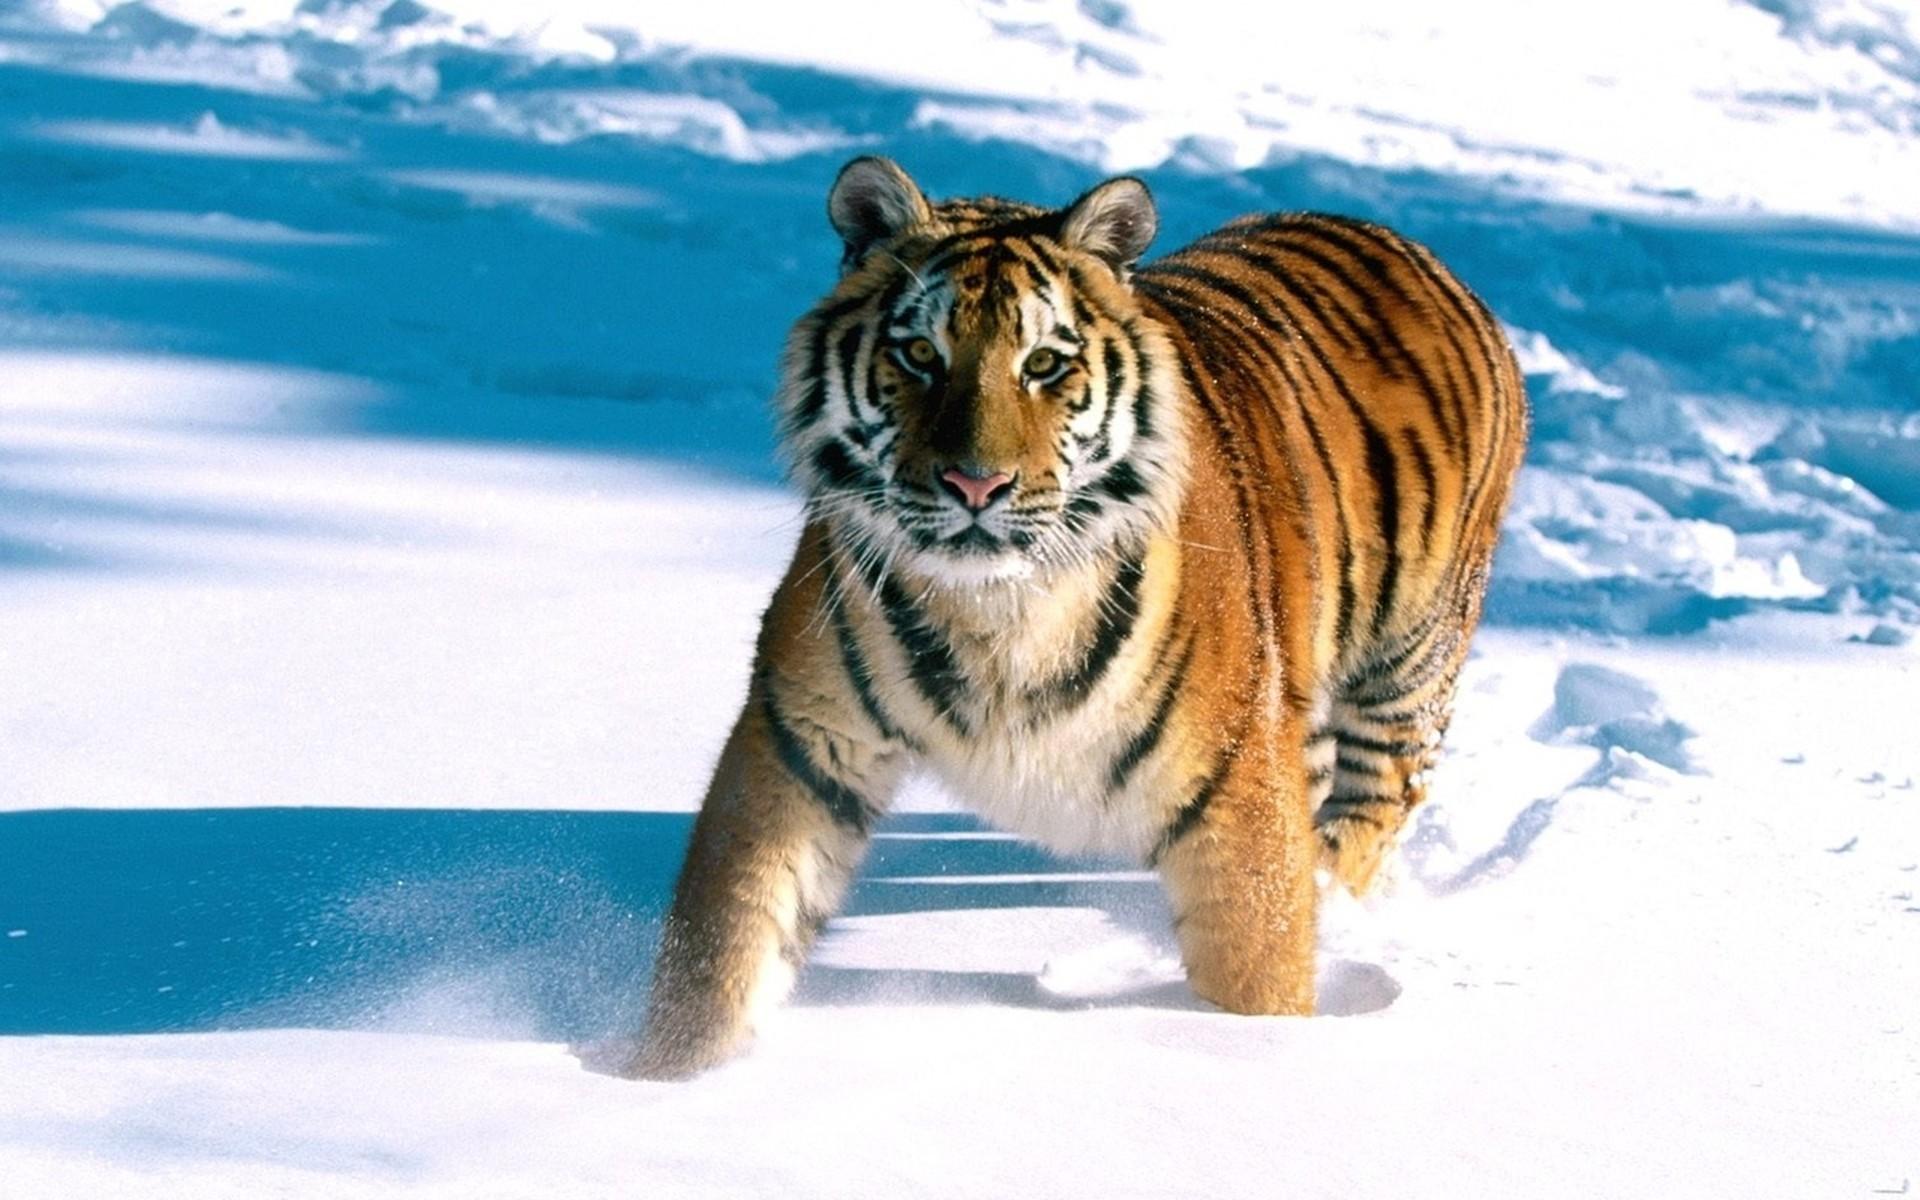 Un tigre en la nieve - 1920x1200